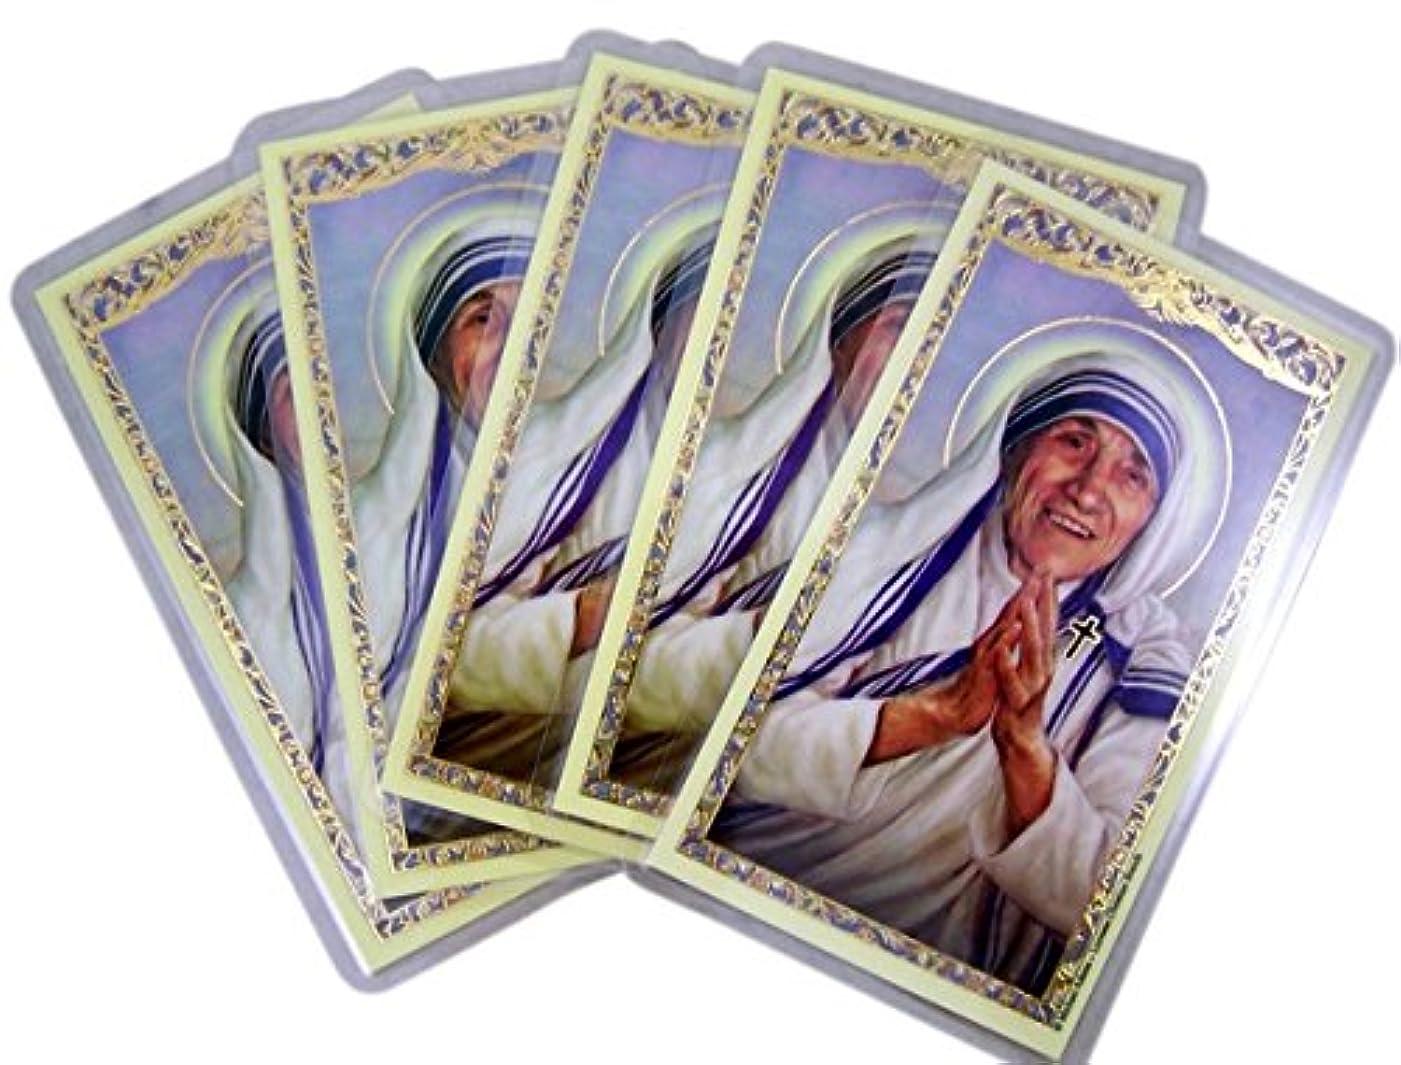 飢え運命マイクロSaintアビラのカルカッタラミネートHolyカードwith毎日祈り、4 1 / 2インチ5パック Pack of 5 イエロー PN#800-1283